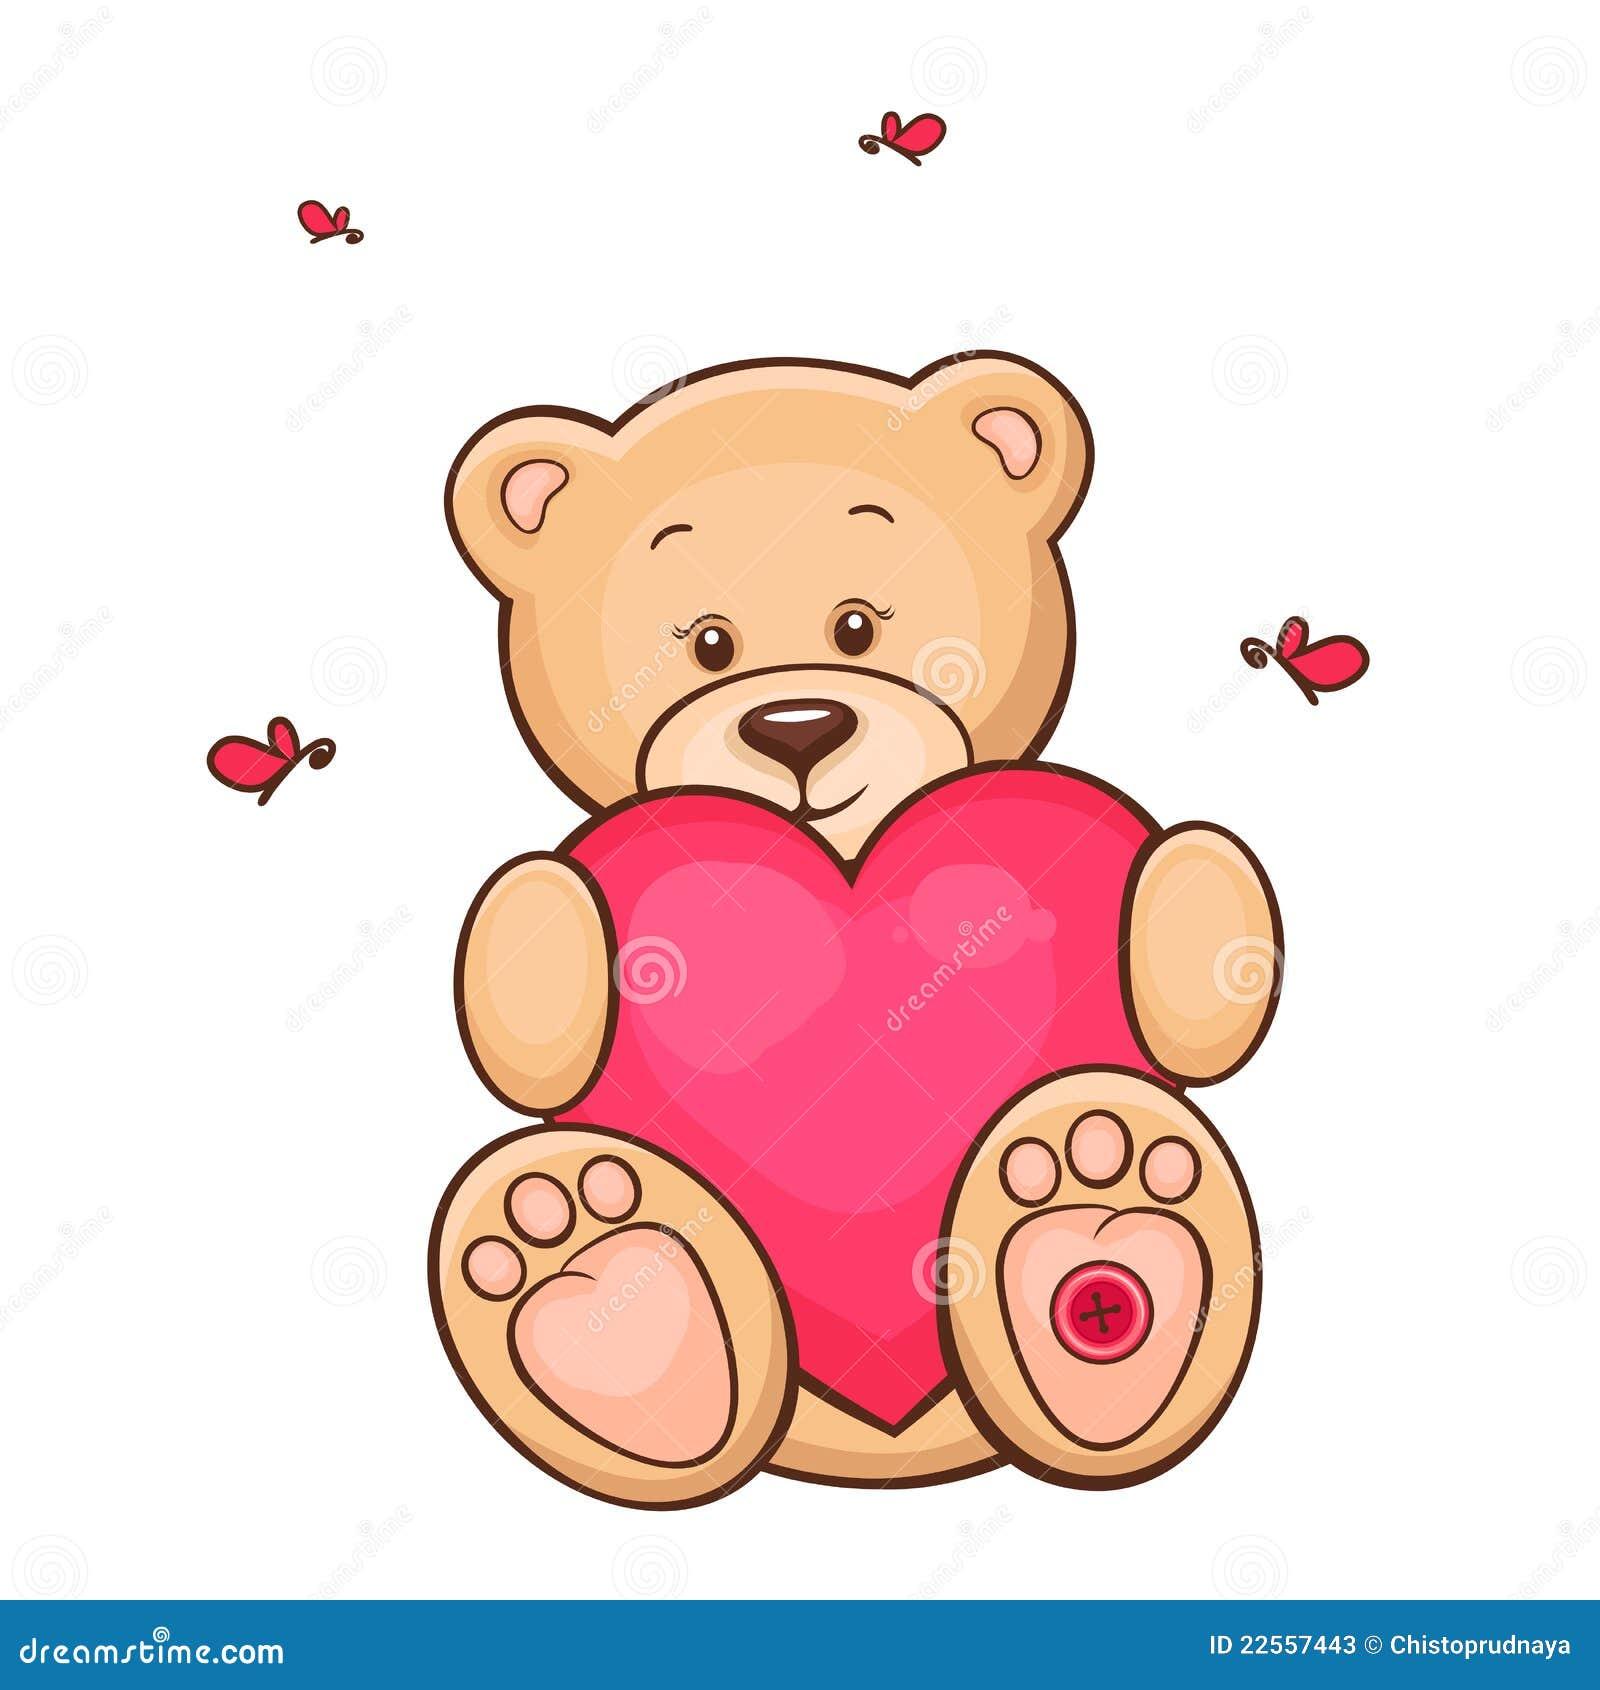 Cute teddy bear  YouTube